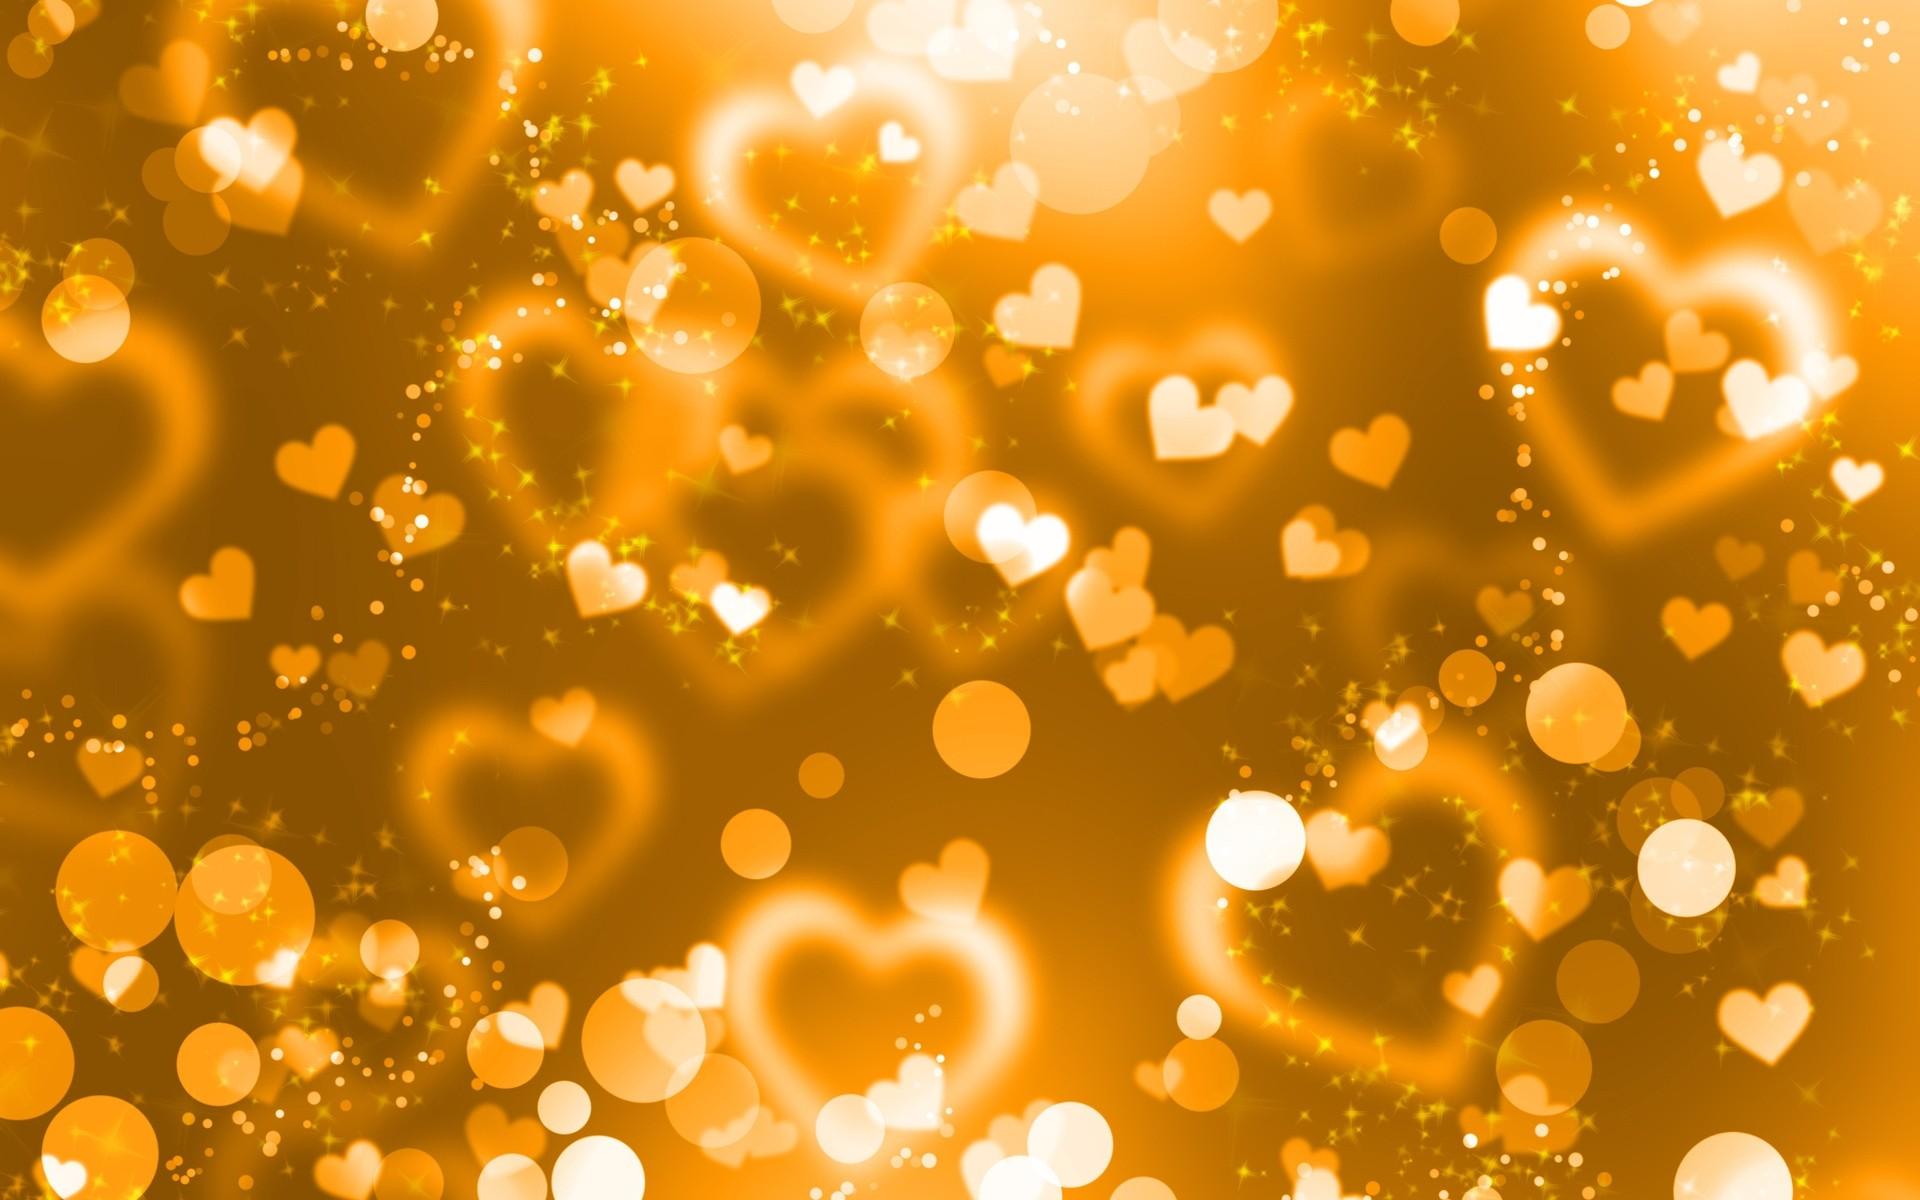 Astonishing Hd Glitter HD Wallpapers HD Wallpaper x pixels